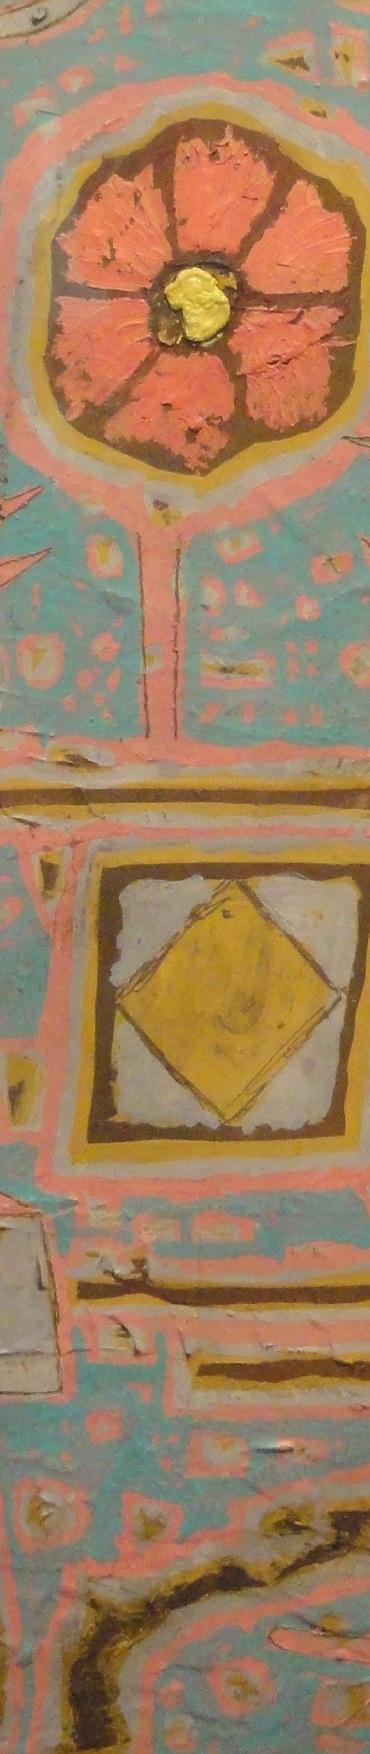 Efflorescence, Klee, in part